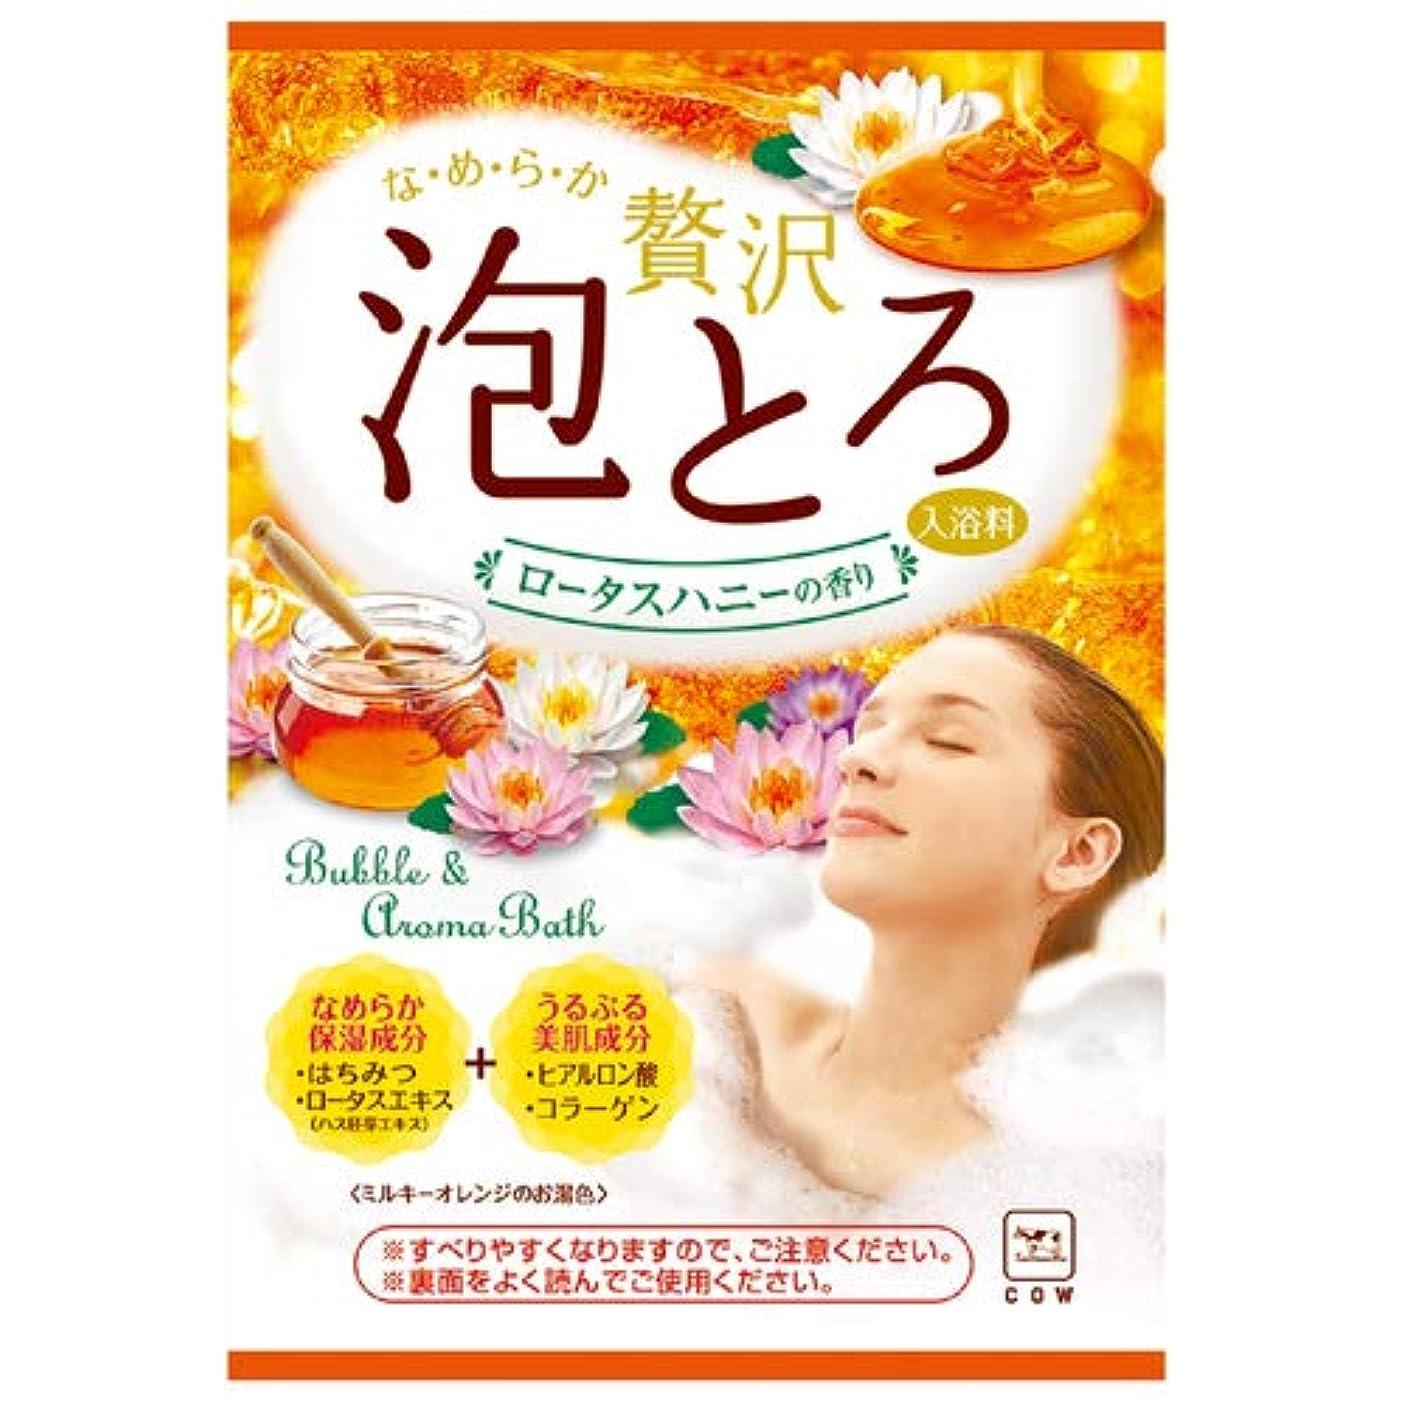 投票効果的にシェルお湯物語 贅沢泡とろ入浴料 ロータスハニーの香り 30g